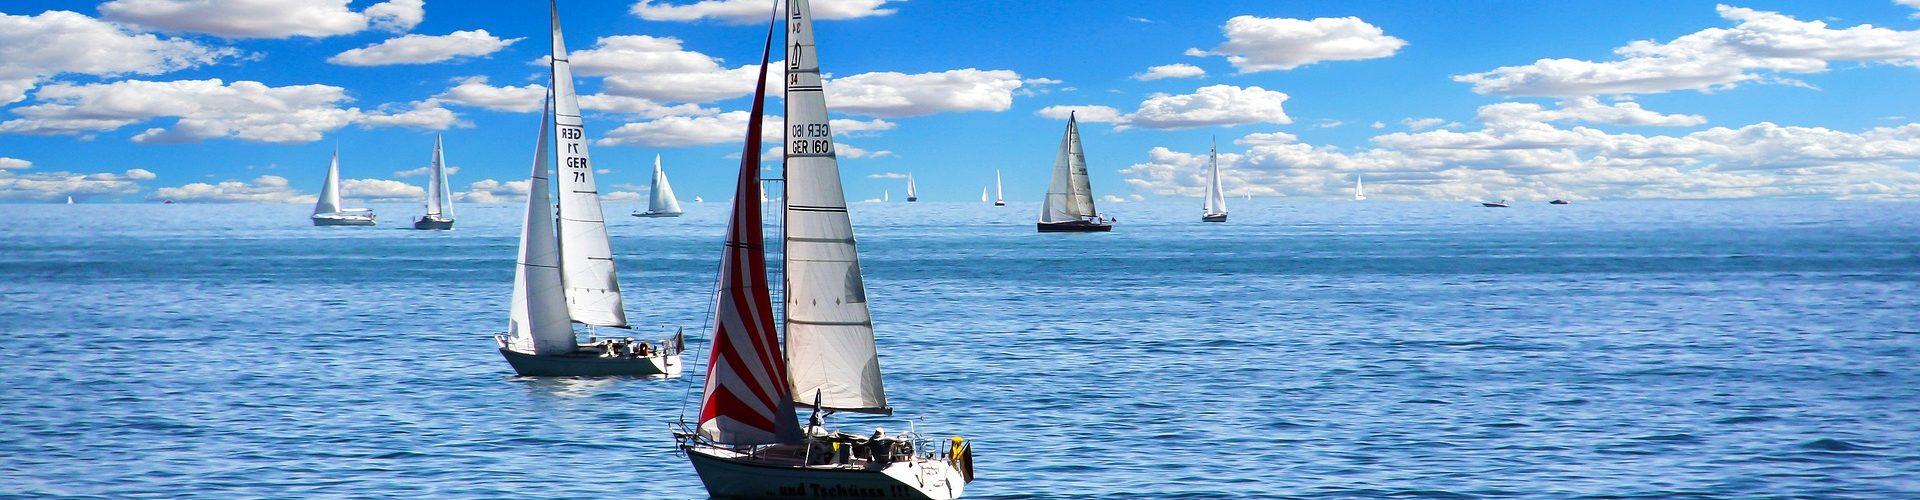 segeln lernen in Bad Salzungen segelschein machen in Bad Salzungen 1920x500 - Segeln lernen in Bad Salzungen